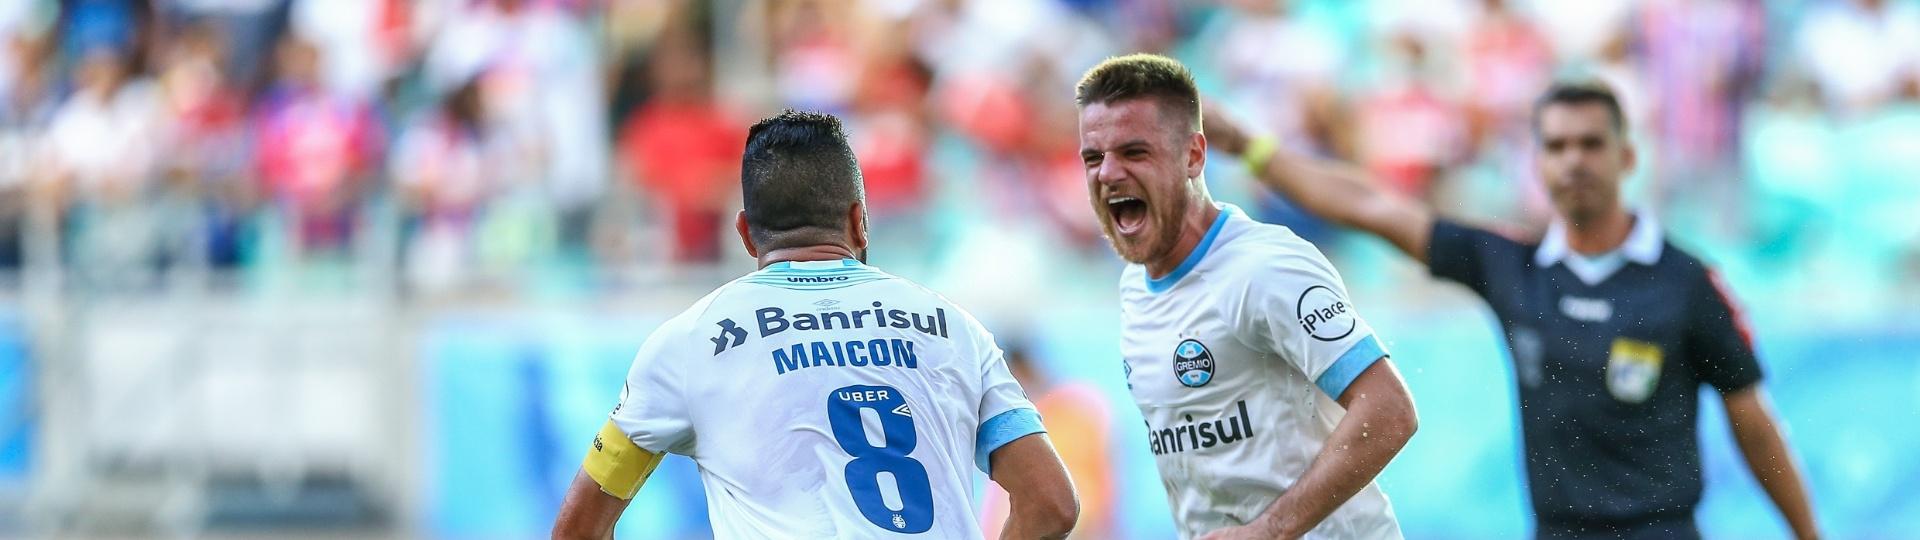 Maicon e Ramiro comemoram gol do Grêmio contra o Bahia